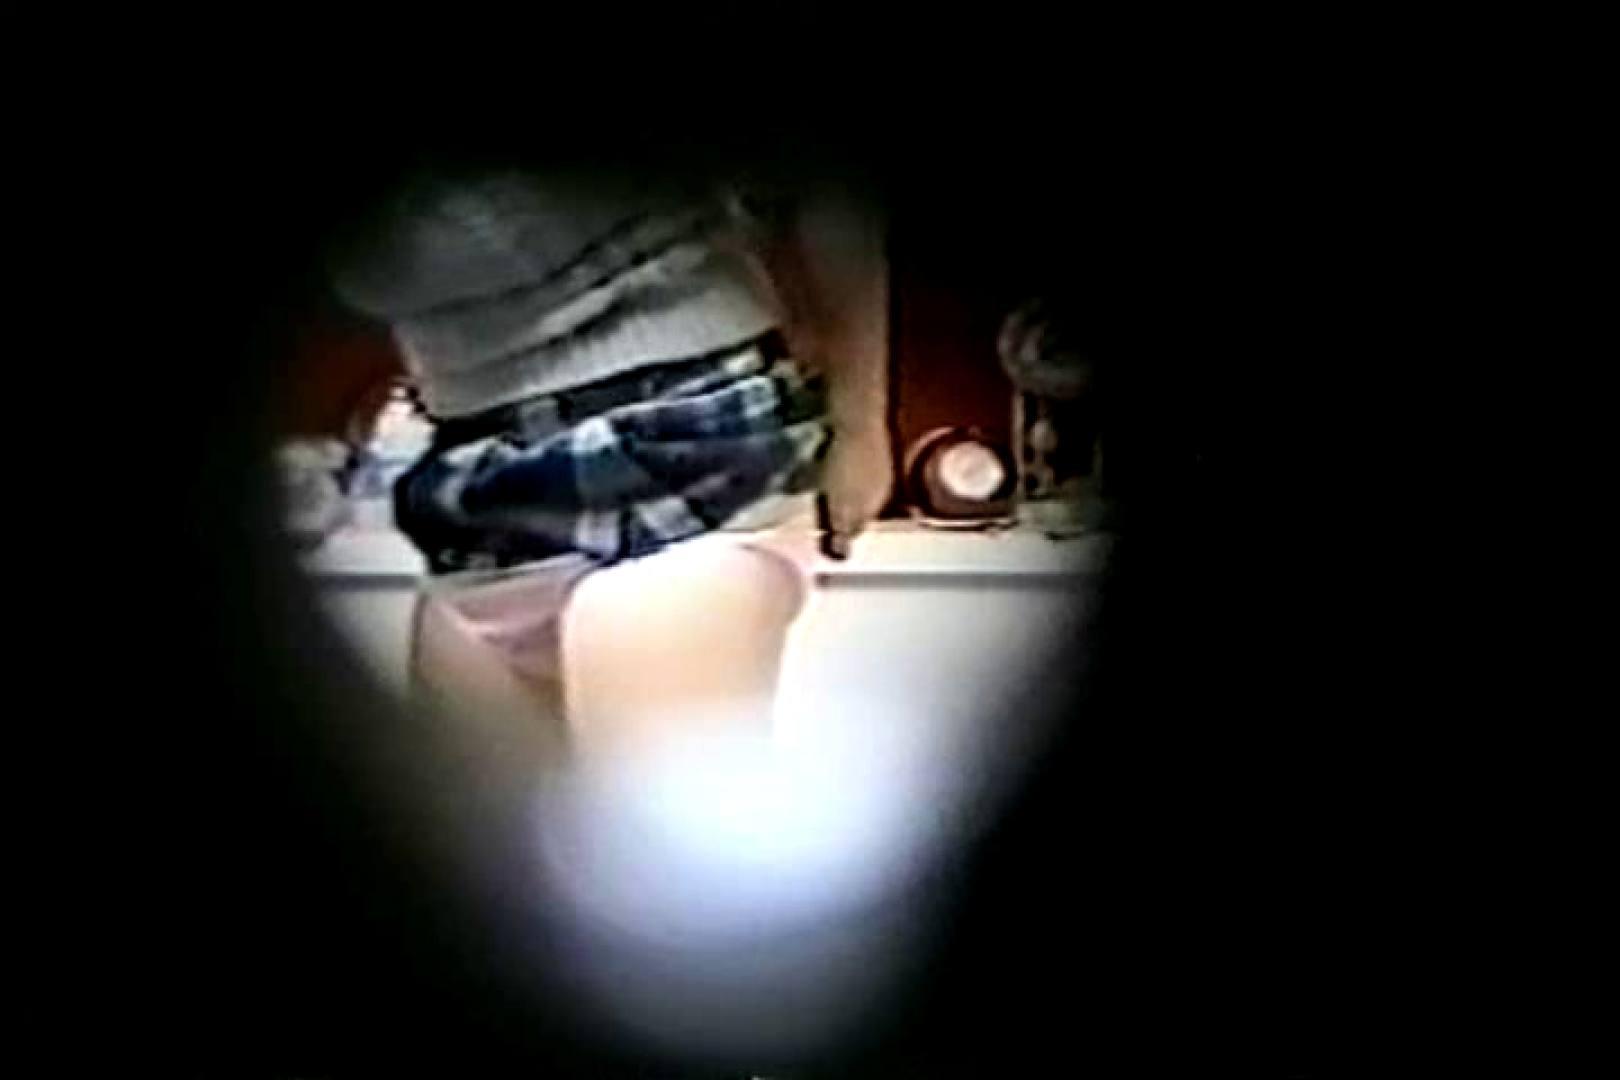 深夜の撮影会Vol.6 プライベート ワレメ動画紹介 91画像 18